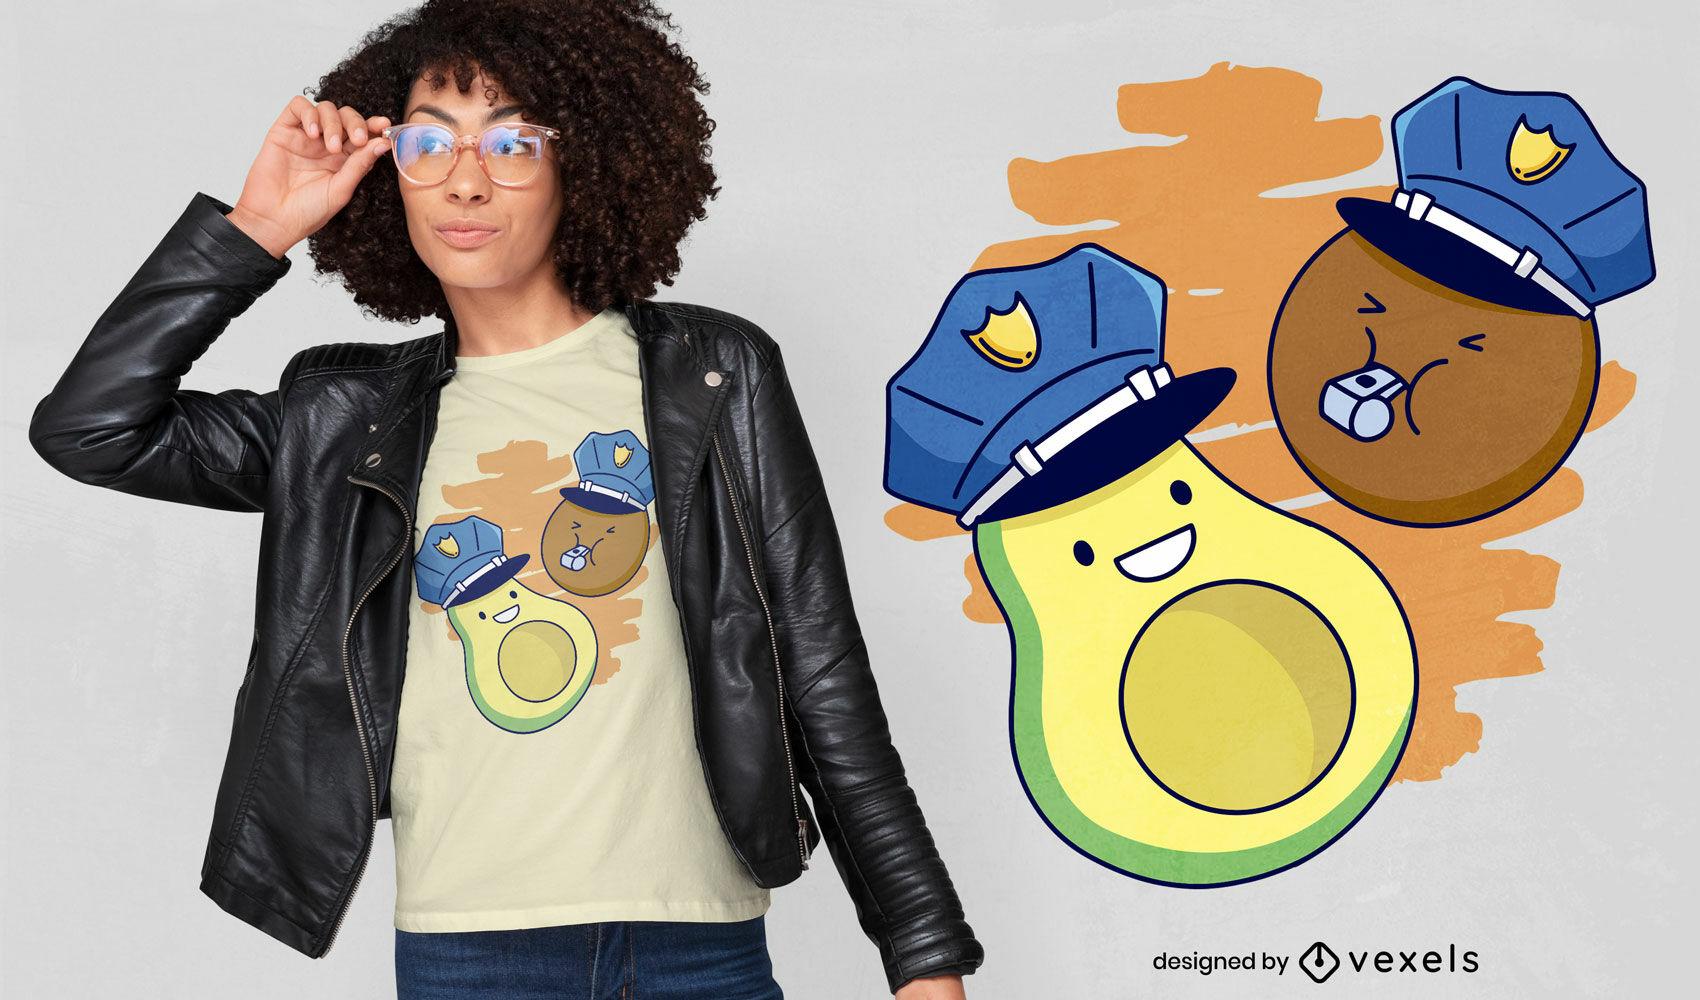 SOLICITAR dise?o de camiseta de polic?a de aguacate